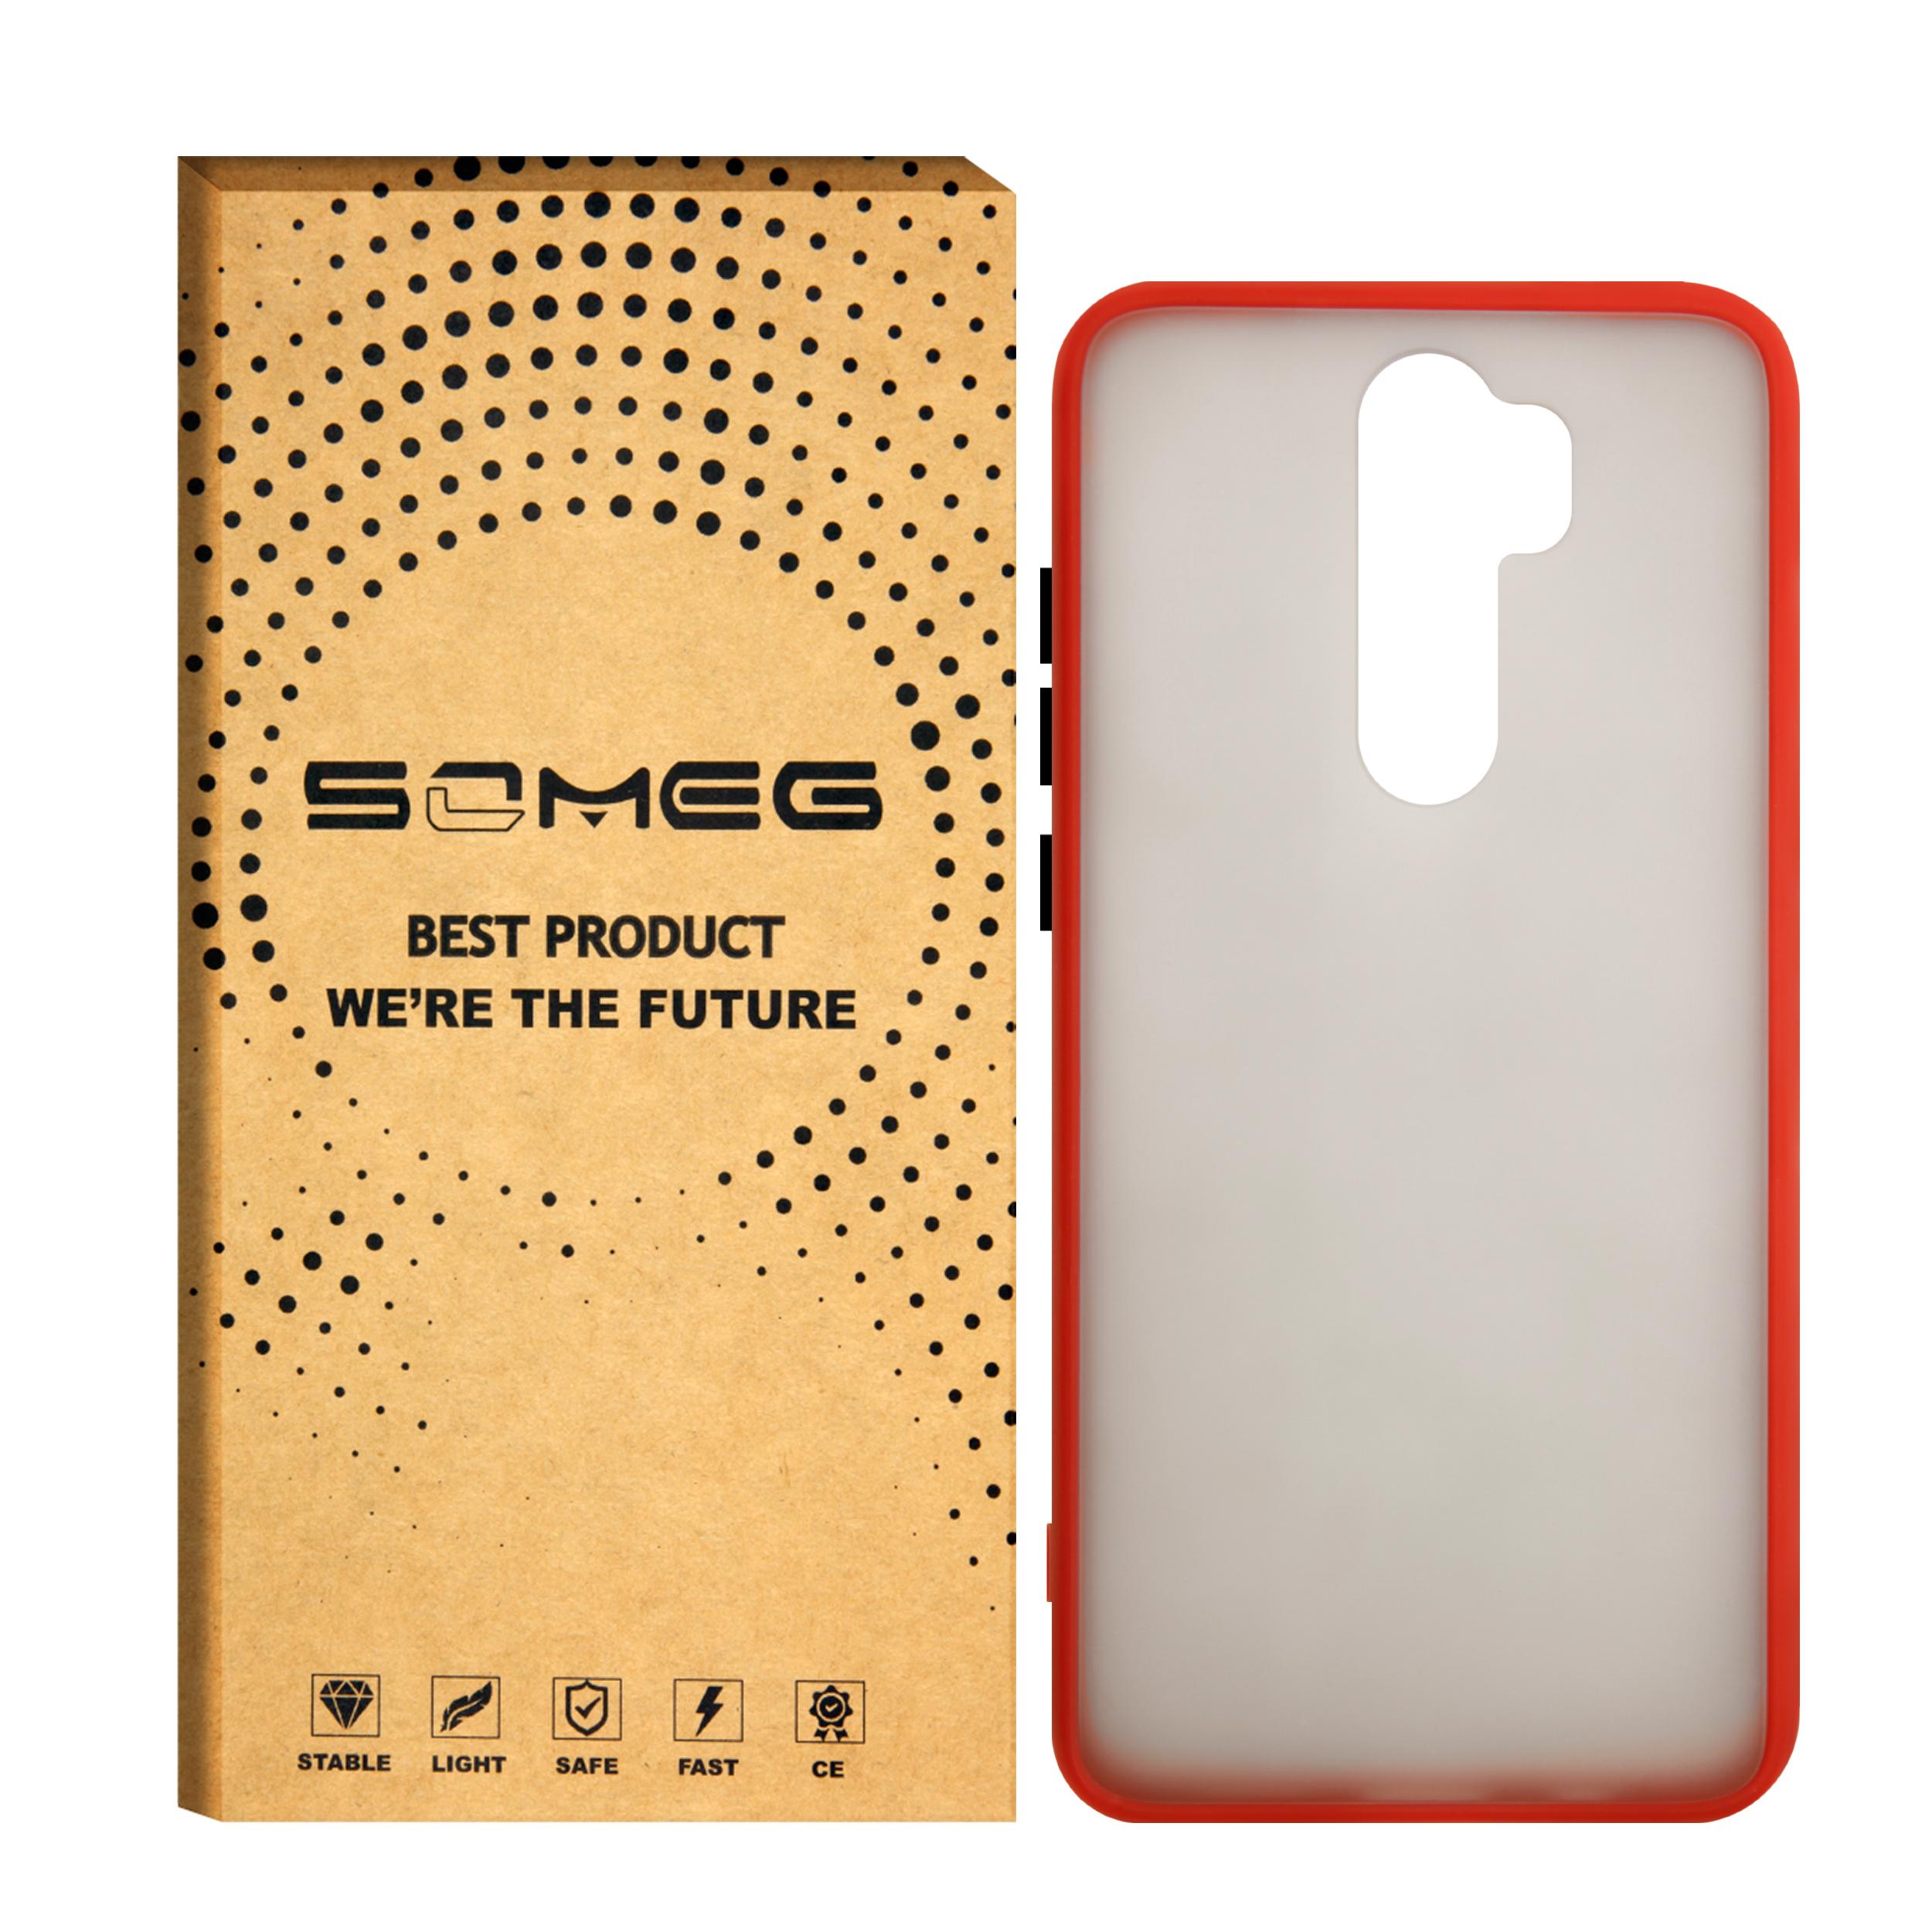 کاور سومگ مدل SMG-Mt8 مناسب برای گوشی موبایل شیائومی Redmi Note 8Pro              ( قیمت و خرید)